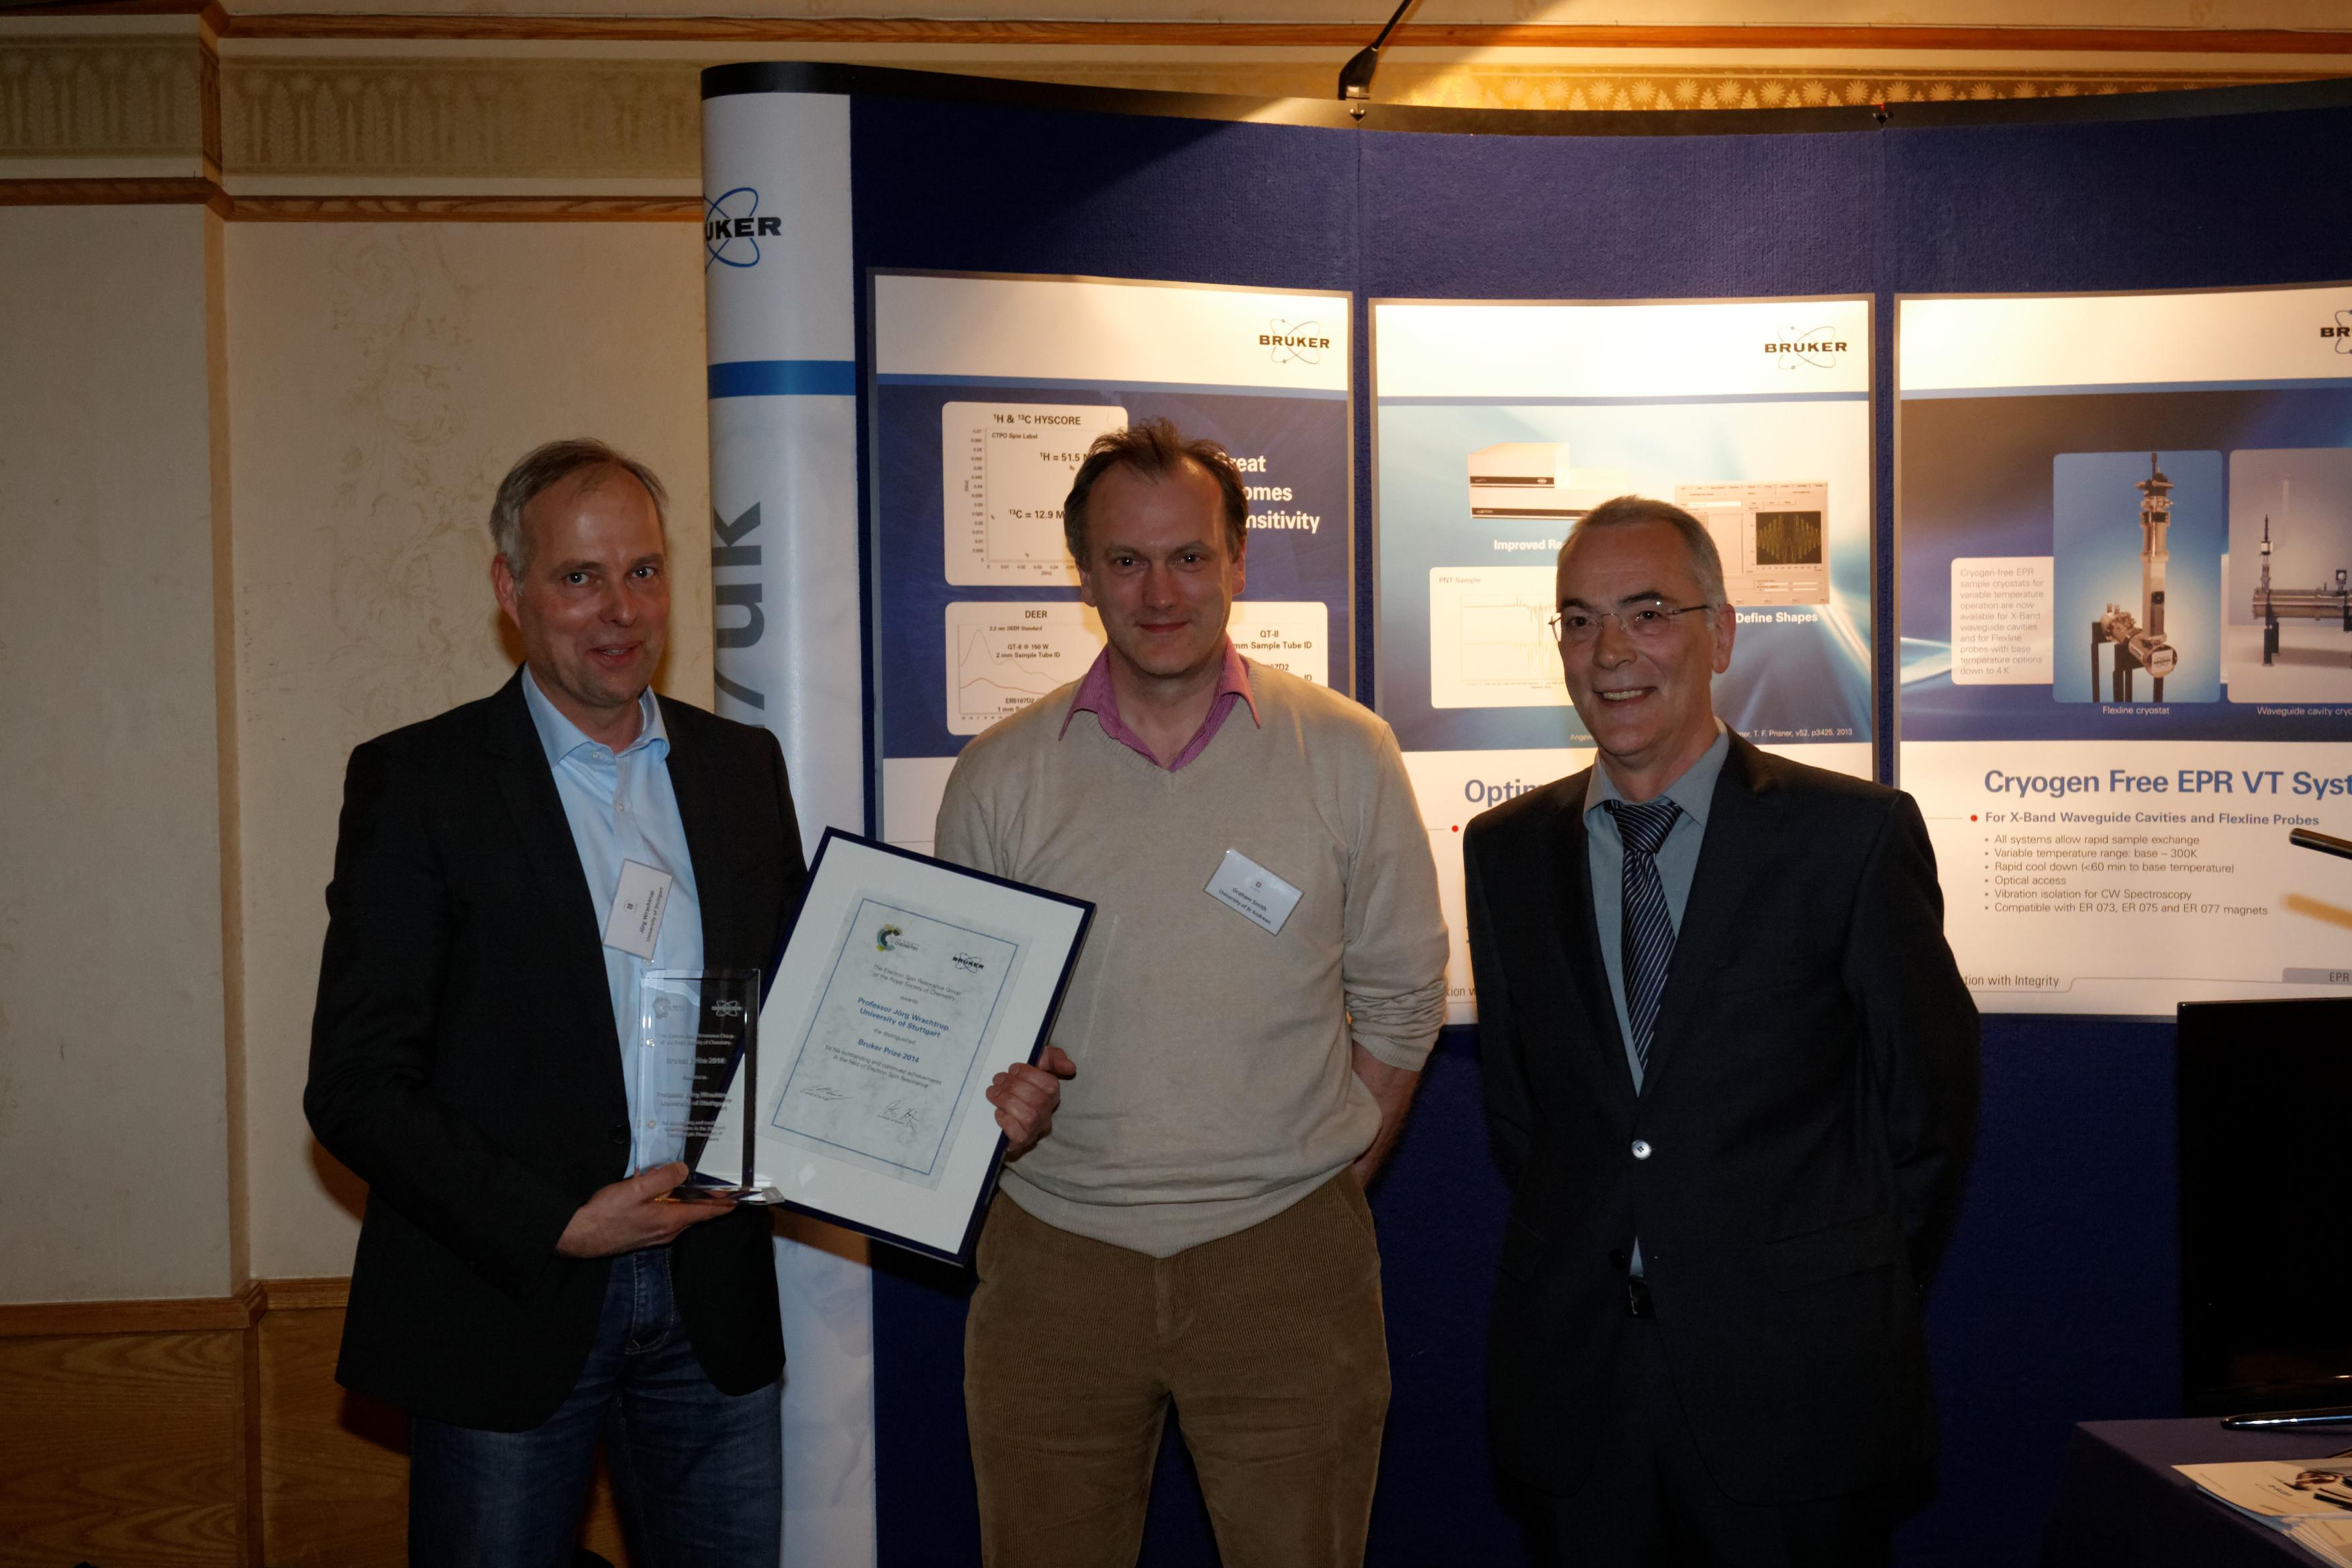 Bruker Prize 2014